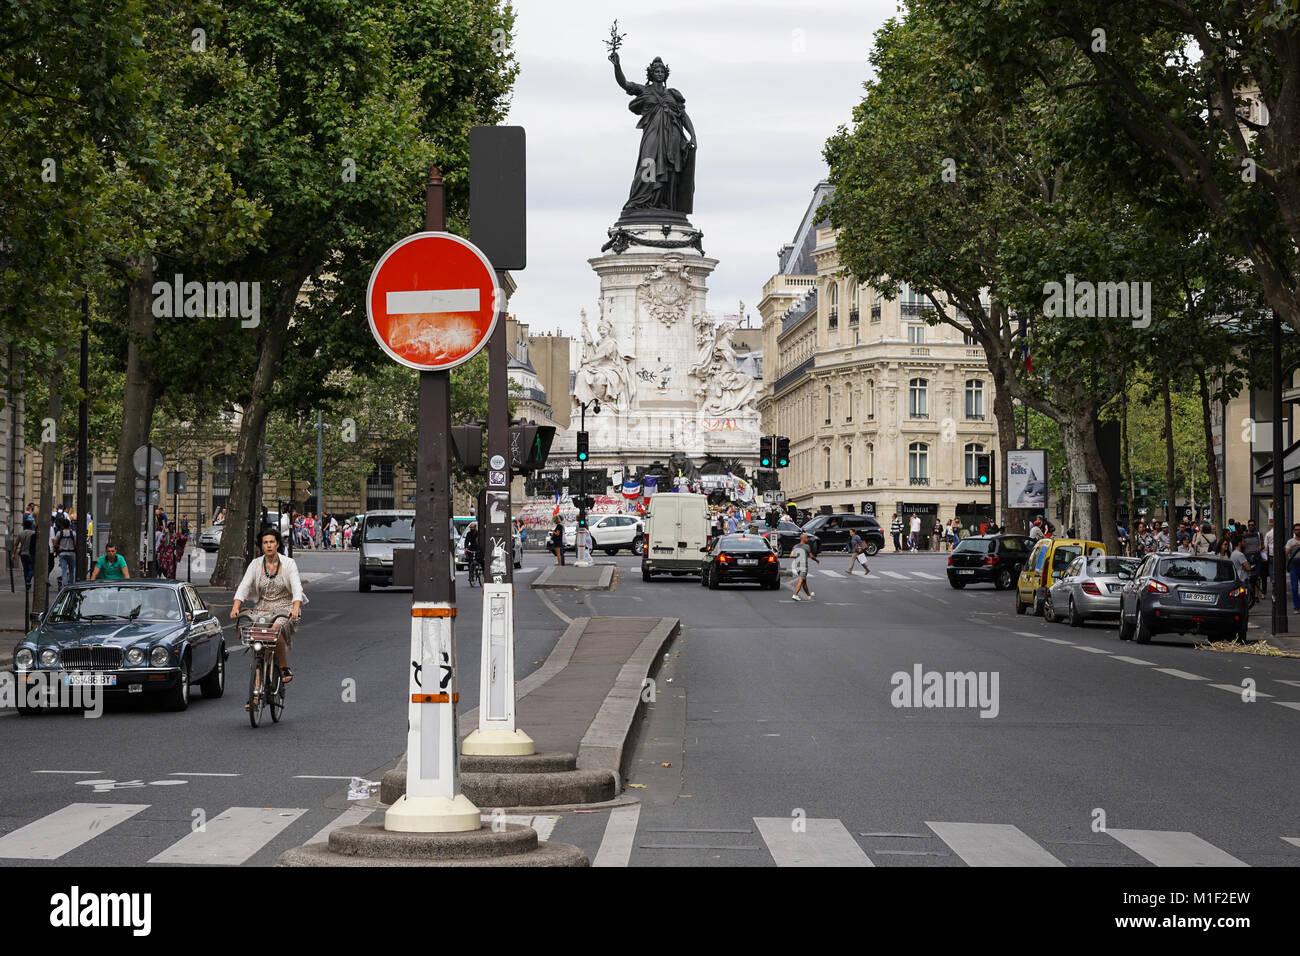 View of the Marianne statue at the Place de la Republique in Paris, France Stock Photo